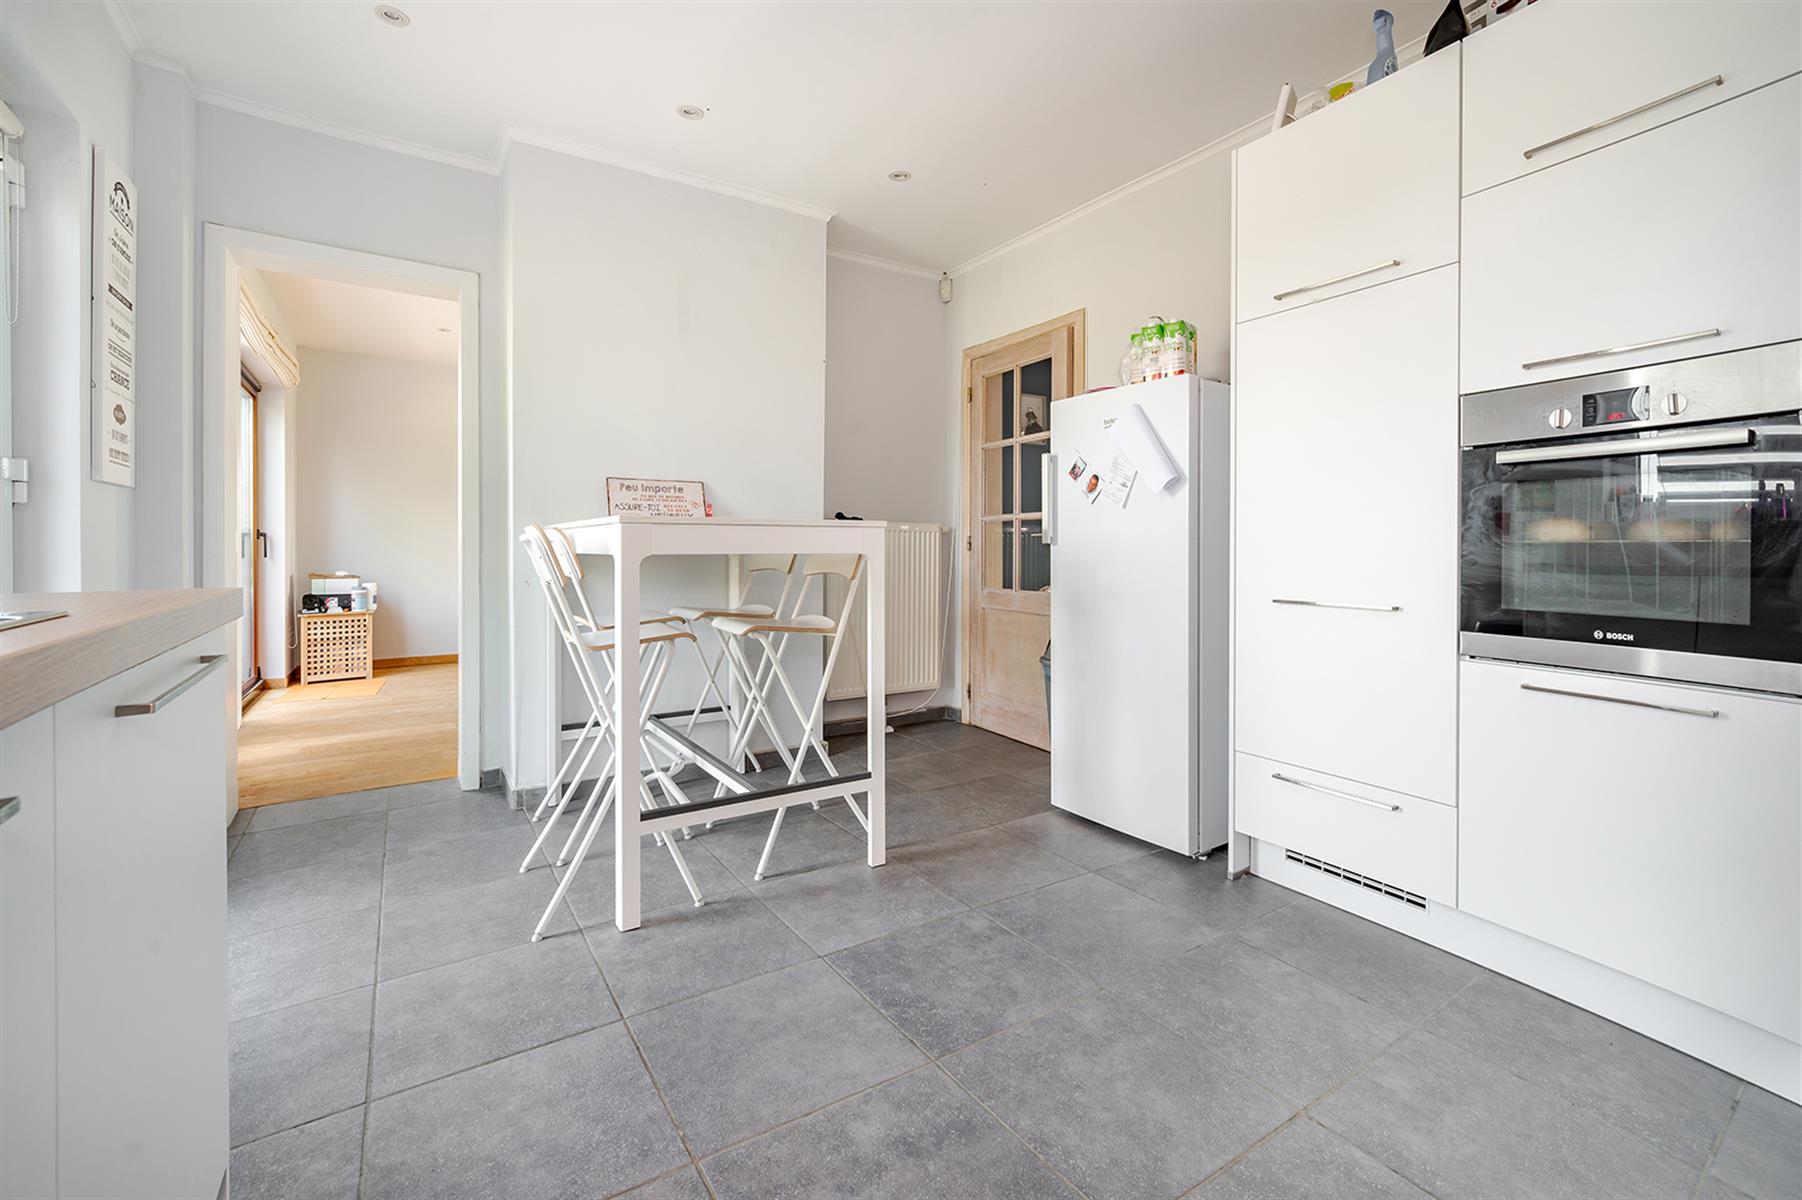 Maison unifamiliale - Villersle-Bouillet - #4412229-5